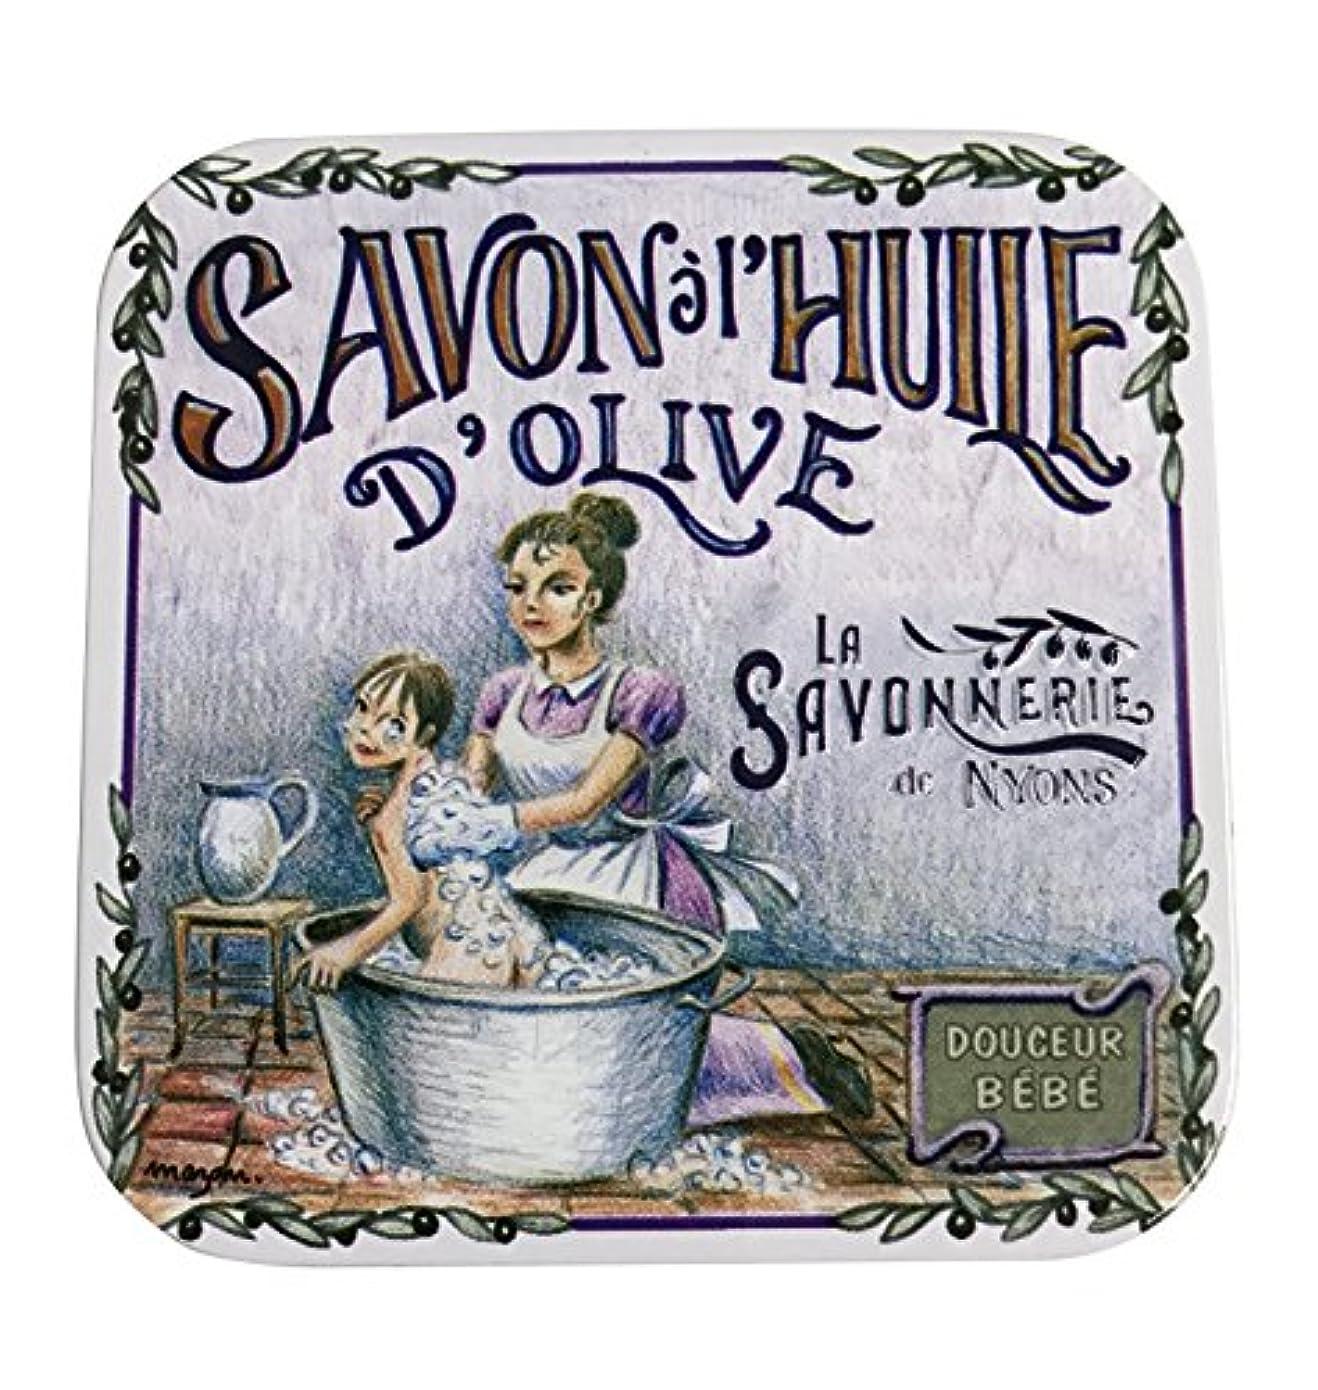 上院議員王族ベギンラ?サボネリー アンティーク缶入り石鹸 タイプ100 ハウスワイフ(ローズ)